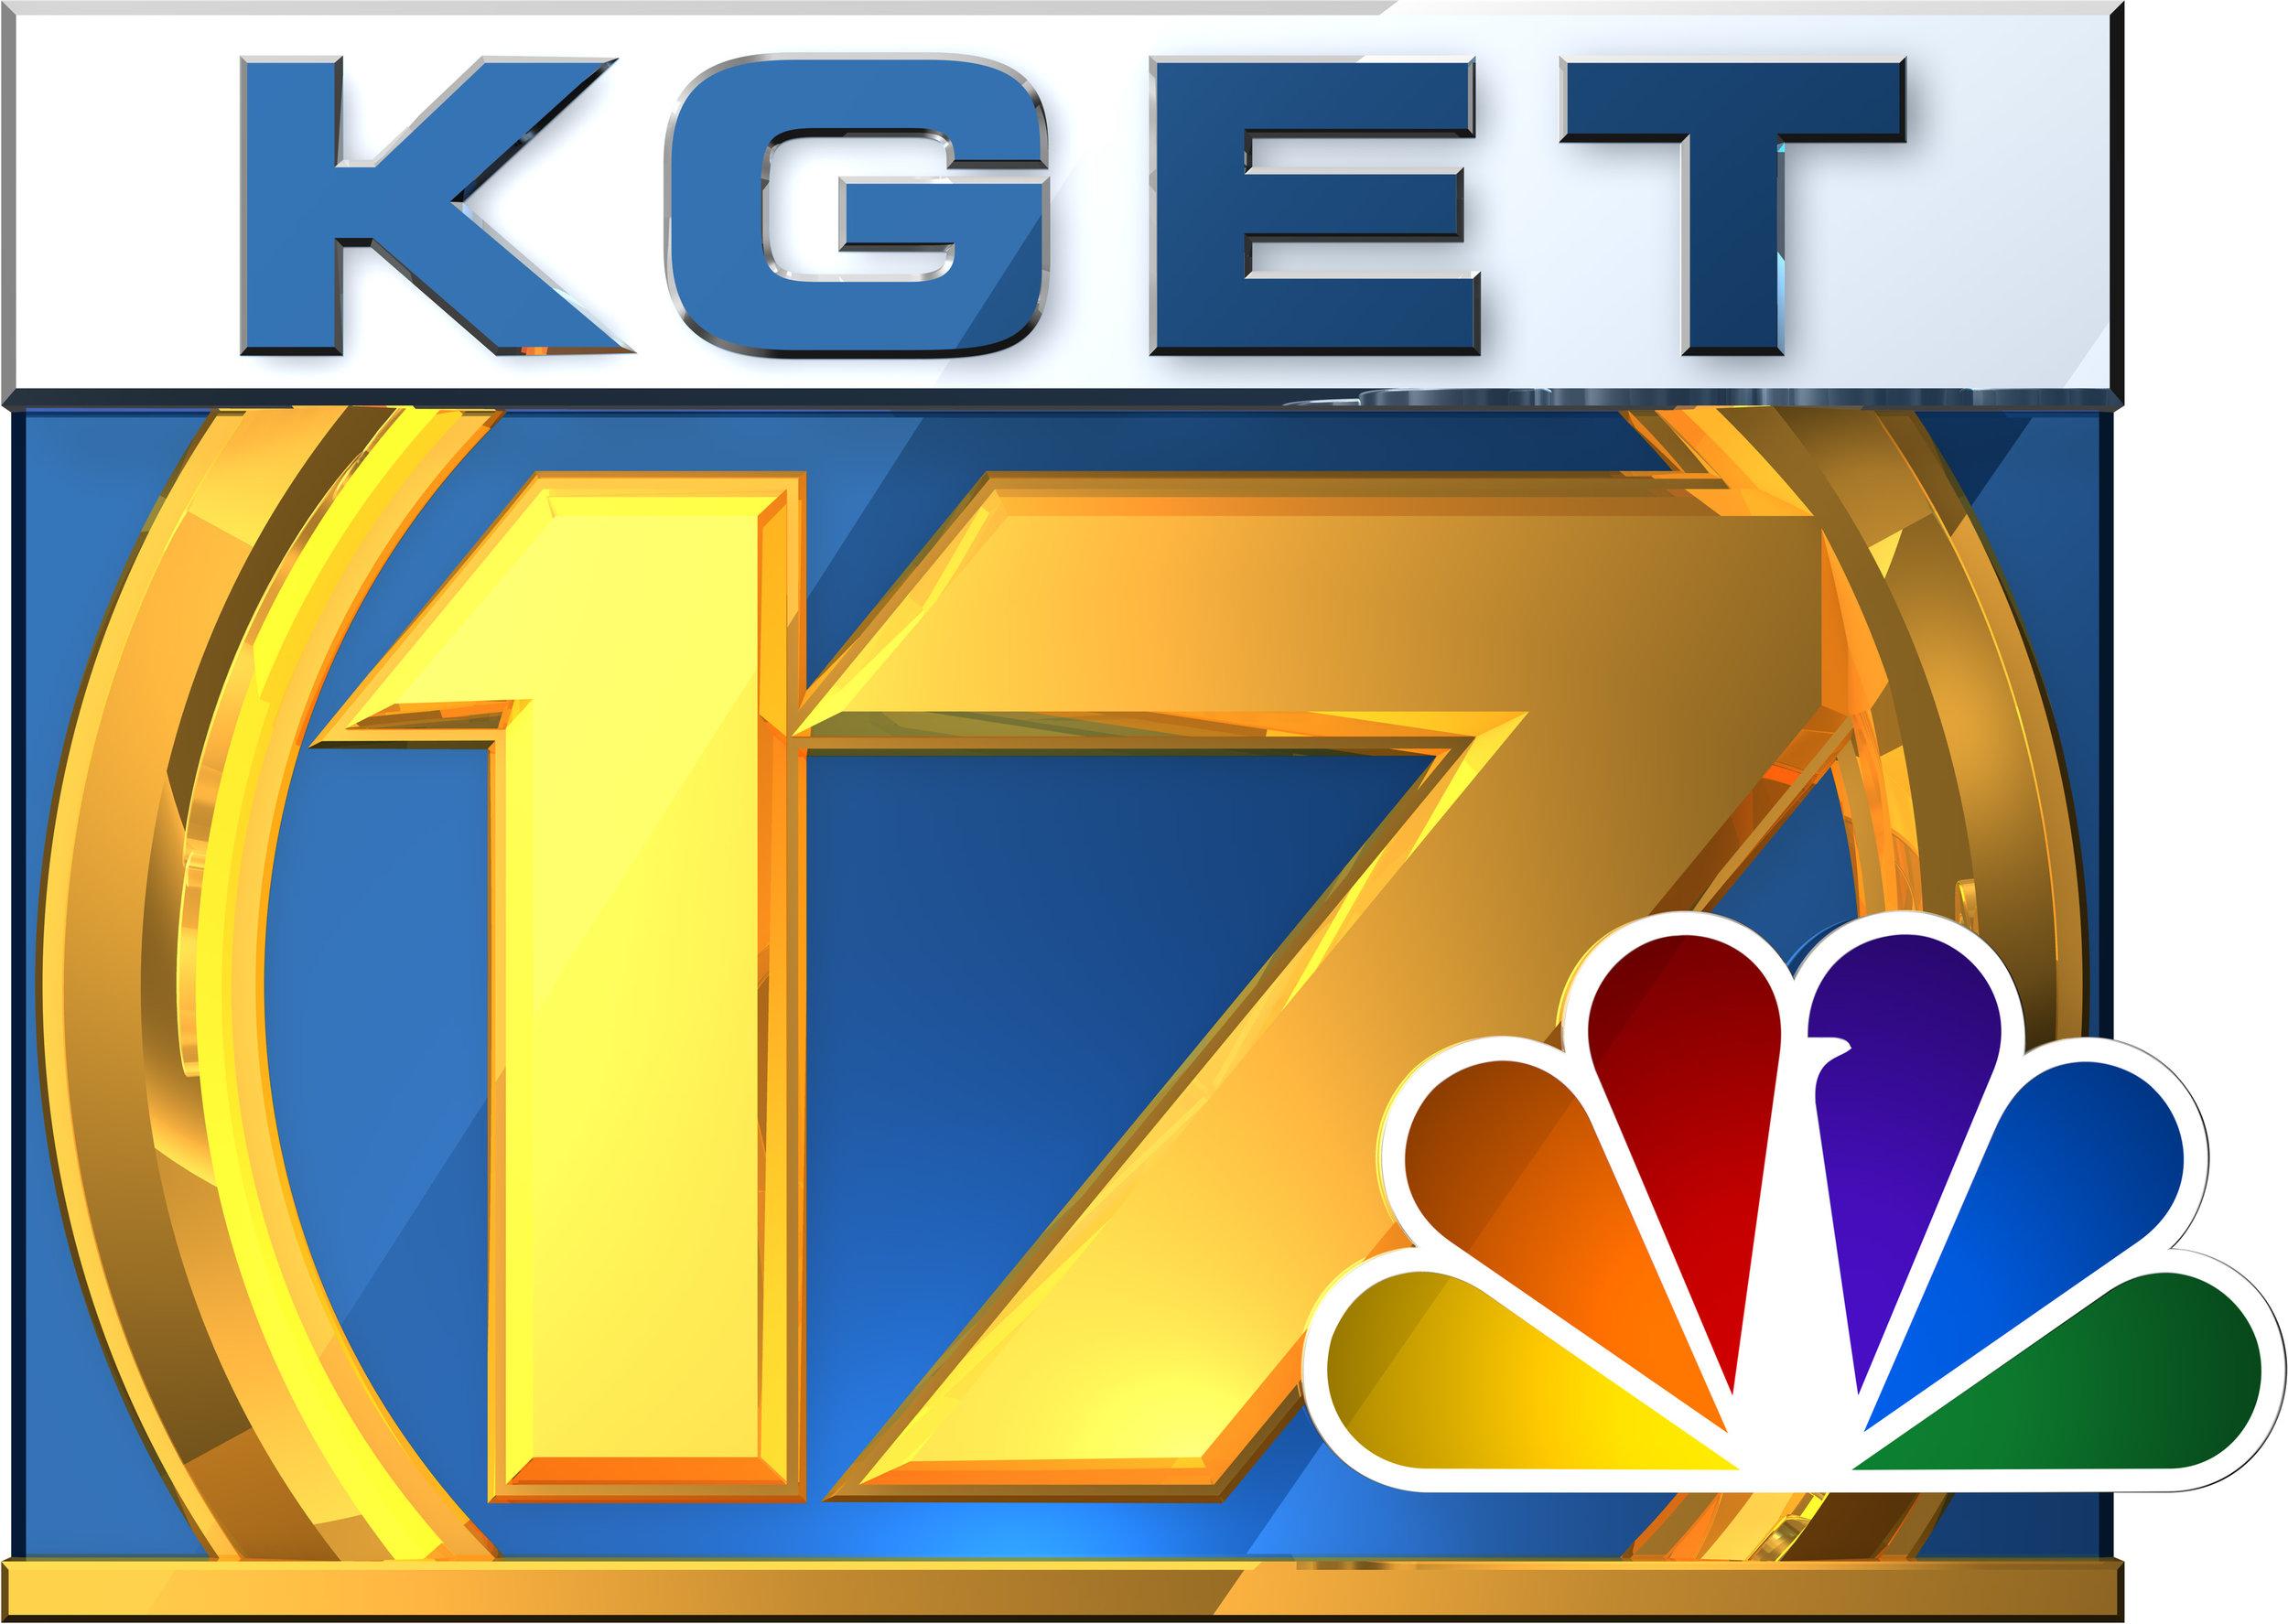 17KGET_300dpi 2014 NEW logo.jpg